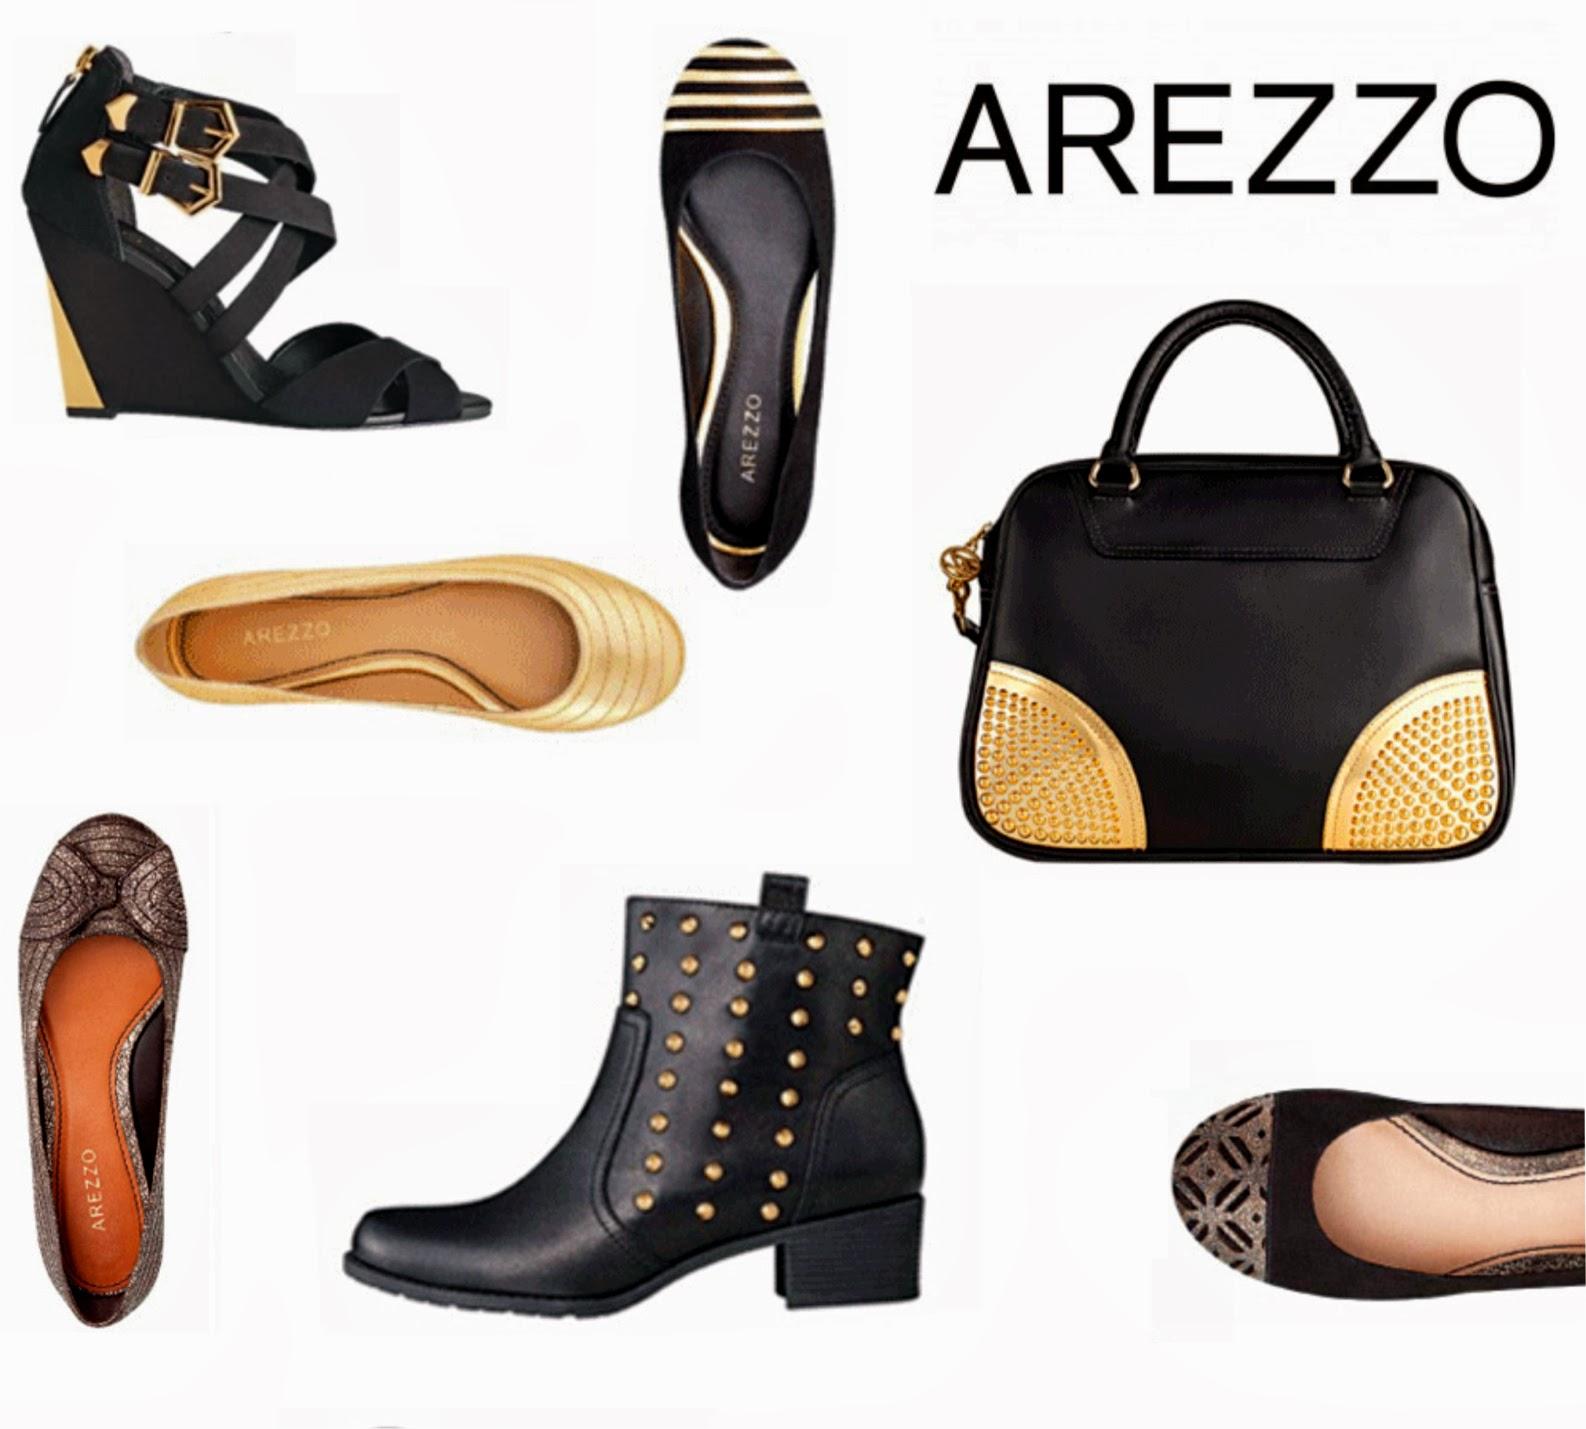 fe258a411 Novos Modelos 2014 Arezzo - Lançamento Sapatos, Bolsas